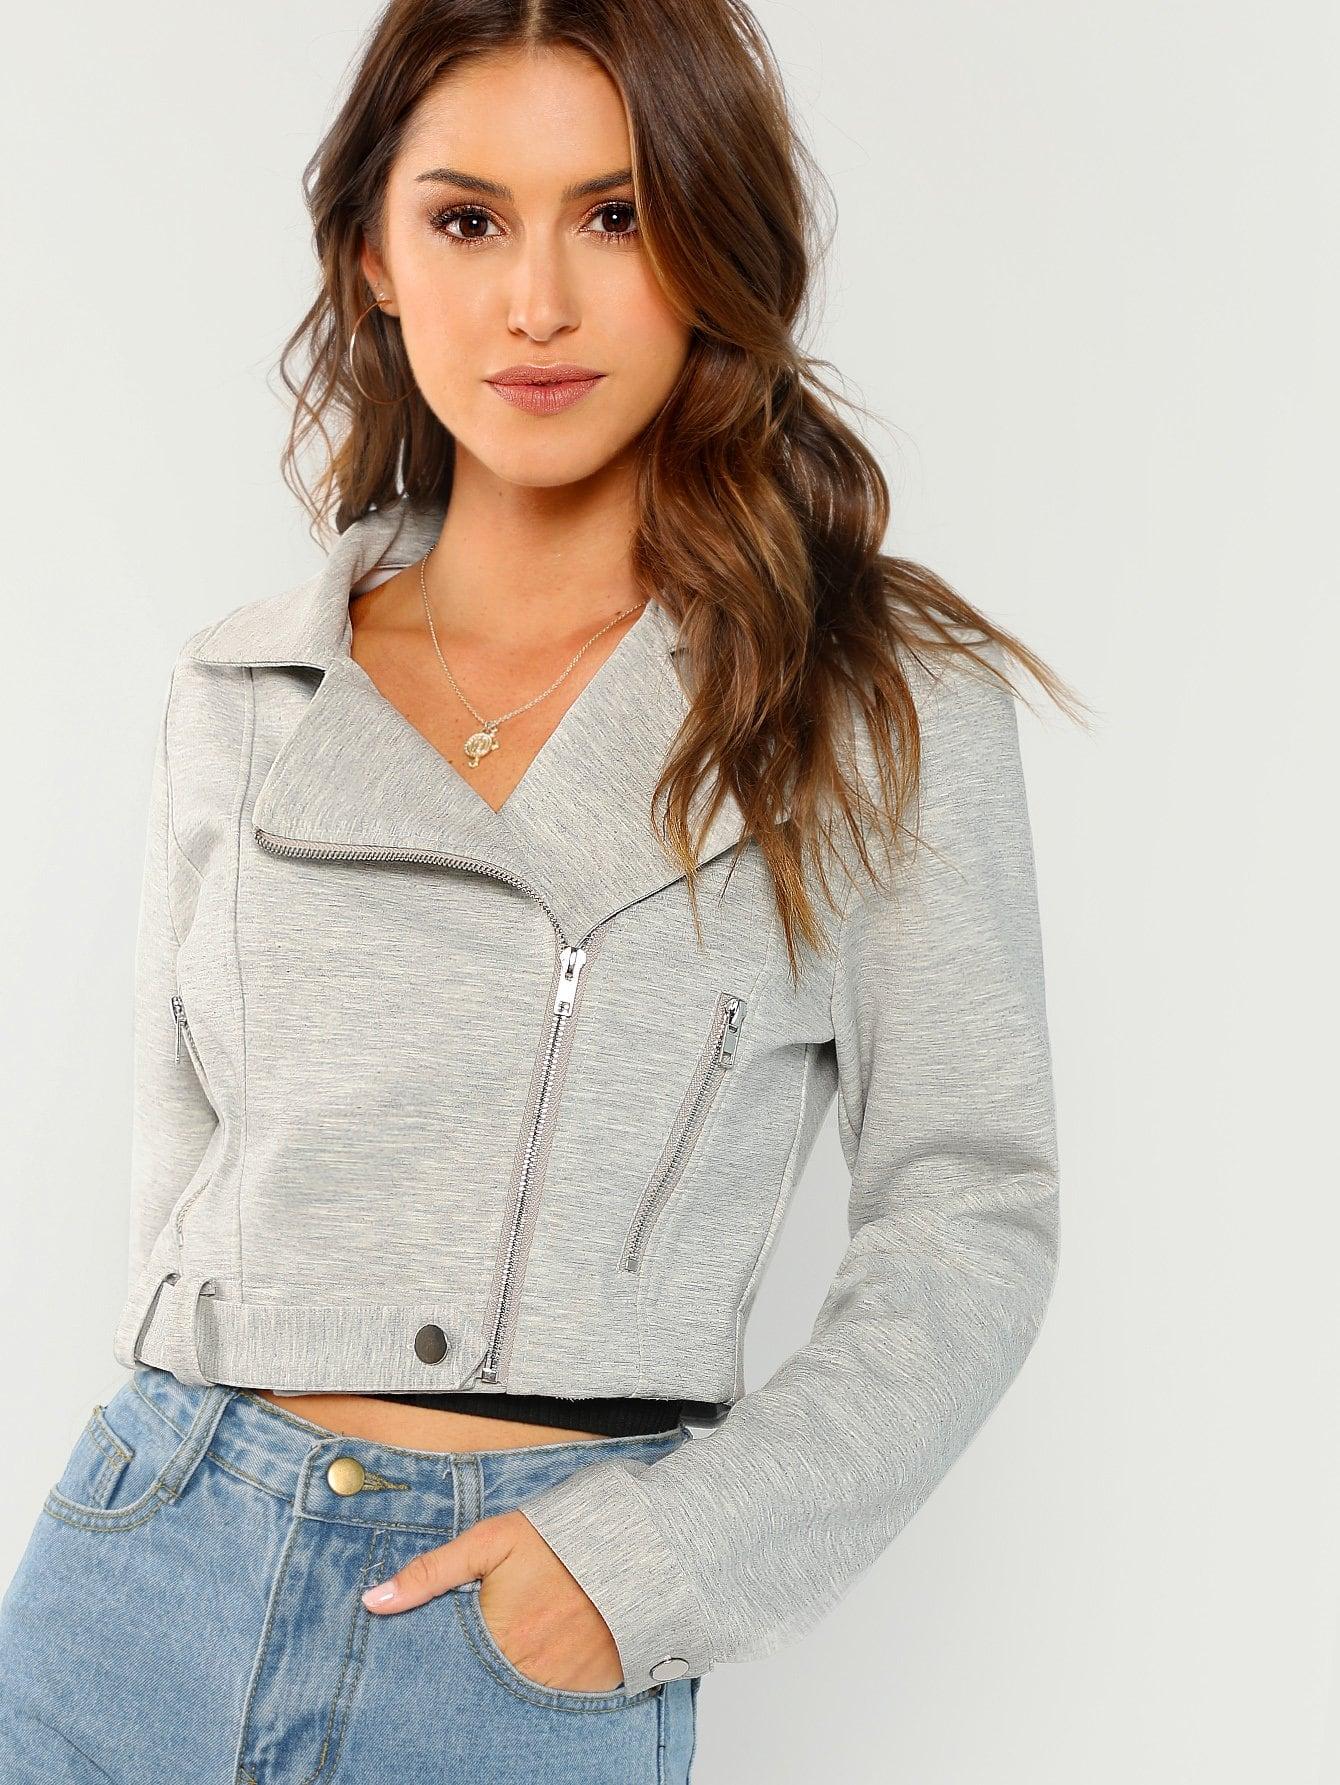 Купить Одноцветная куртка на молнии низ с поясом, Gigi Paris, SheIn